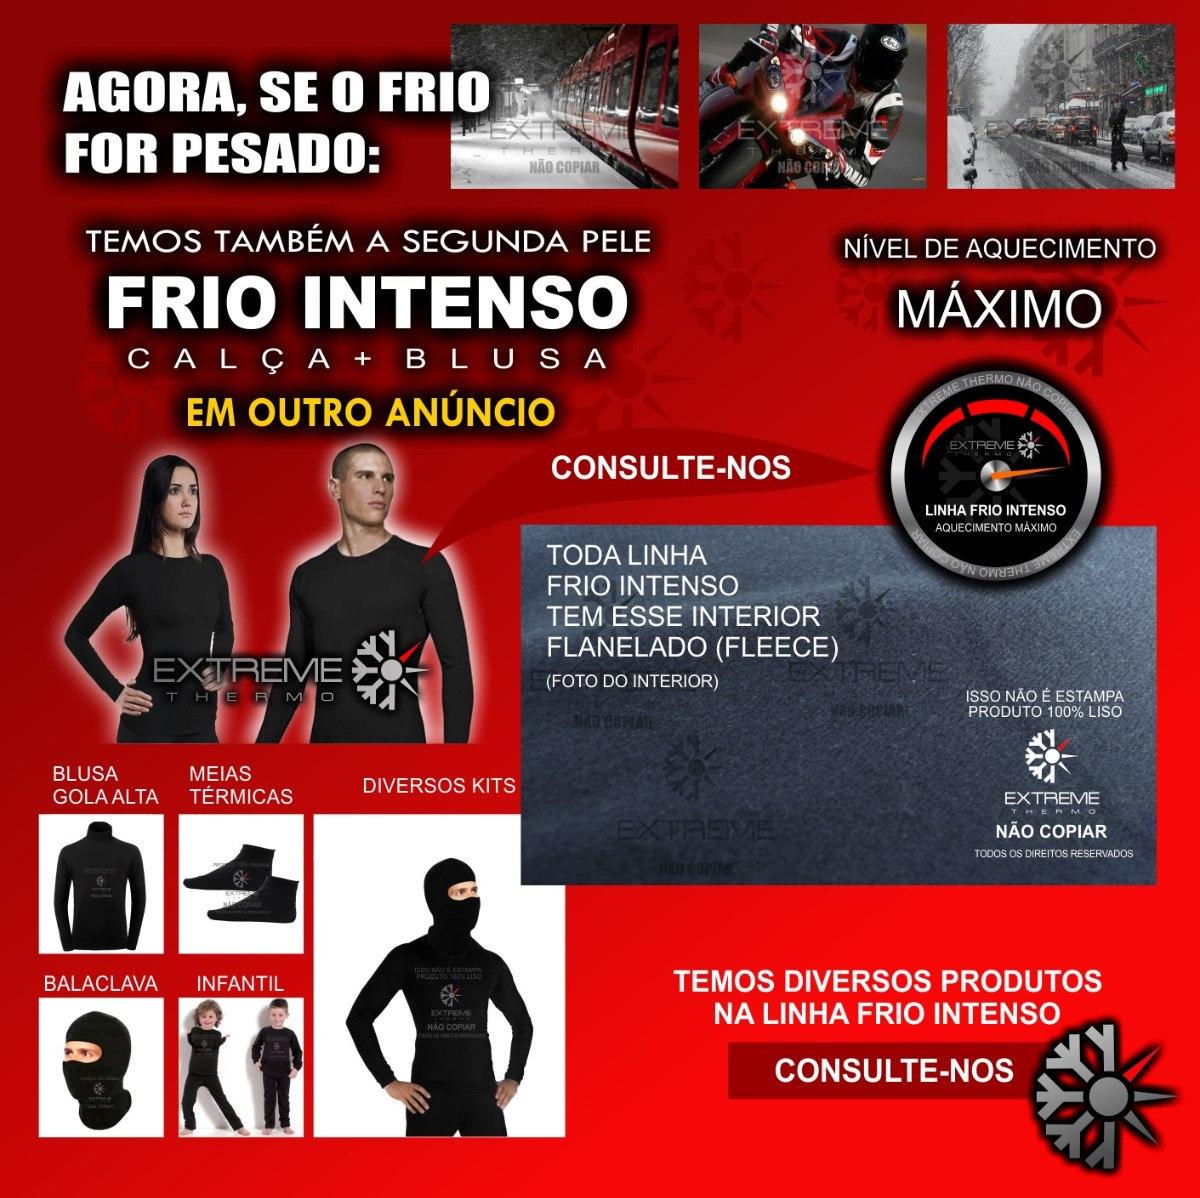 b4cd221c26 camisa térmica segunda pele térmica extreme thermo frio mod. Carregando  zoom.